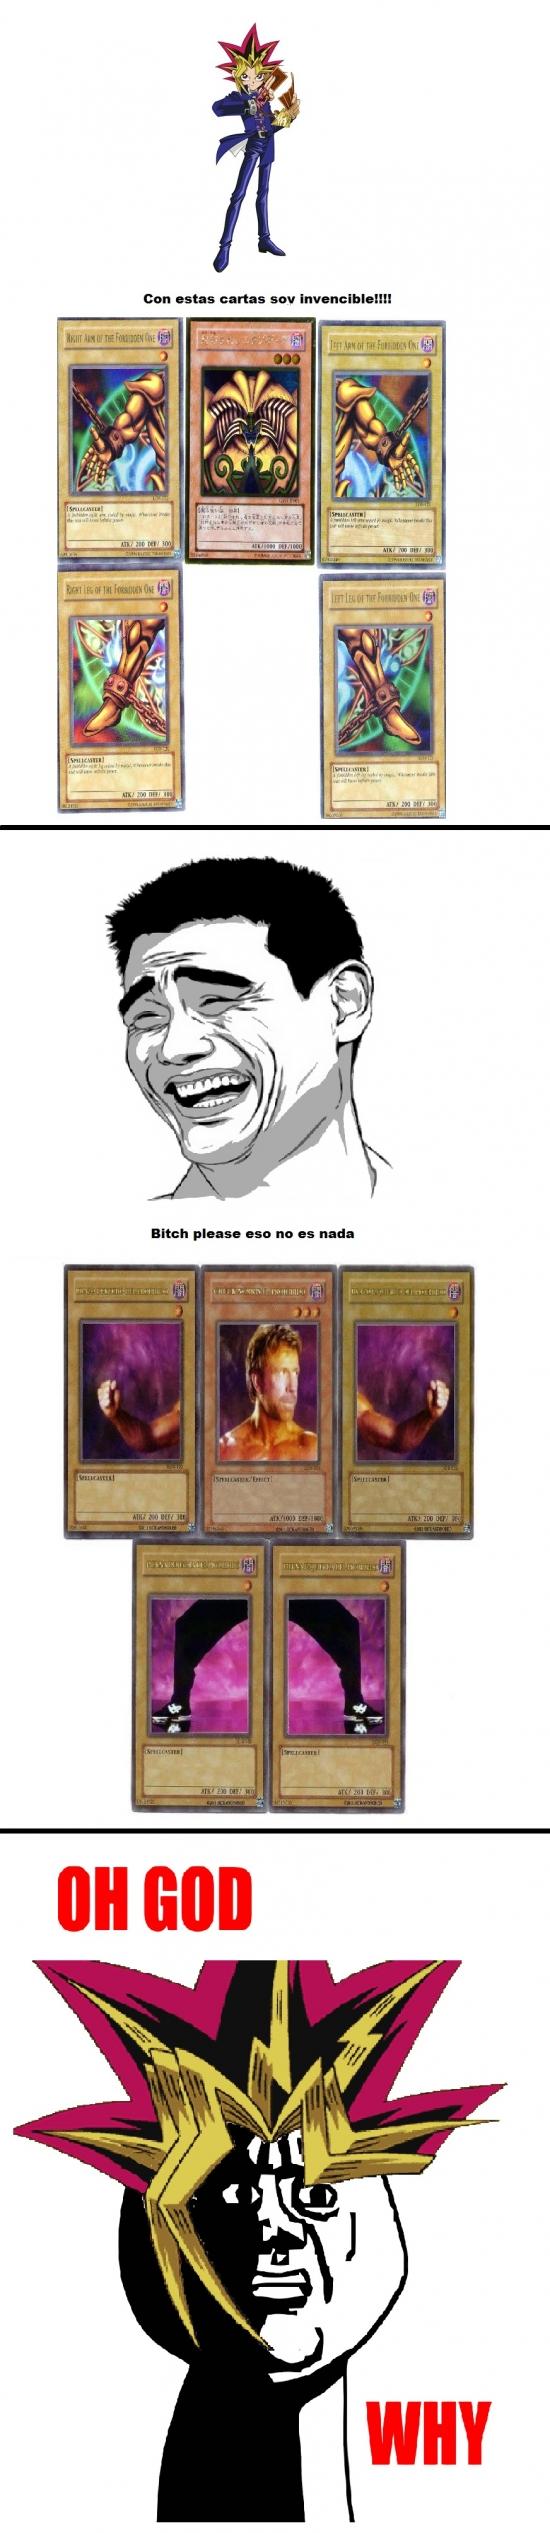 Oh_god_why - Las mejores cartas